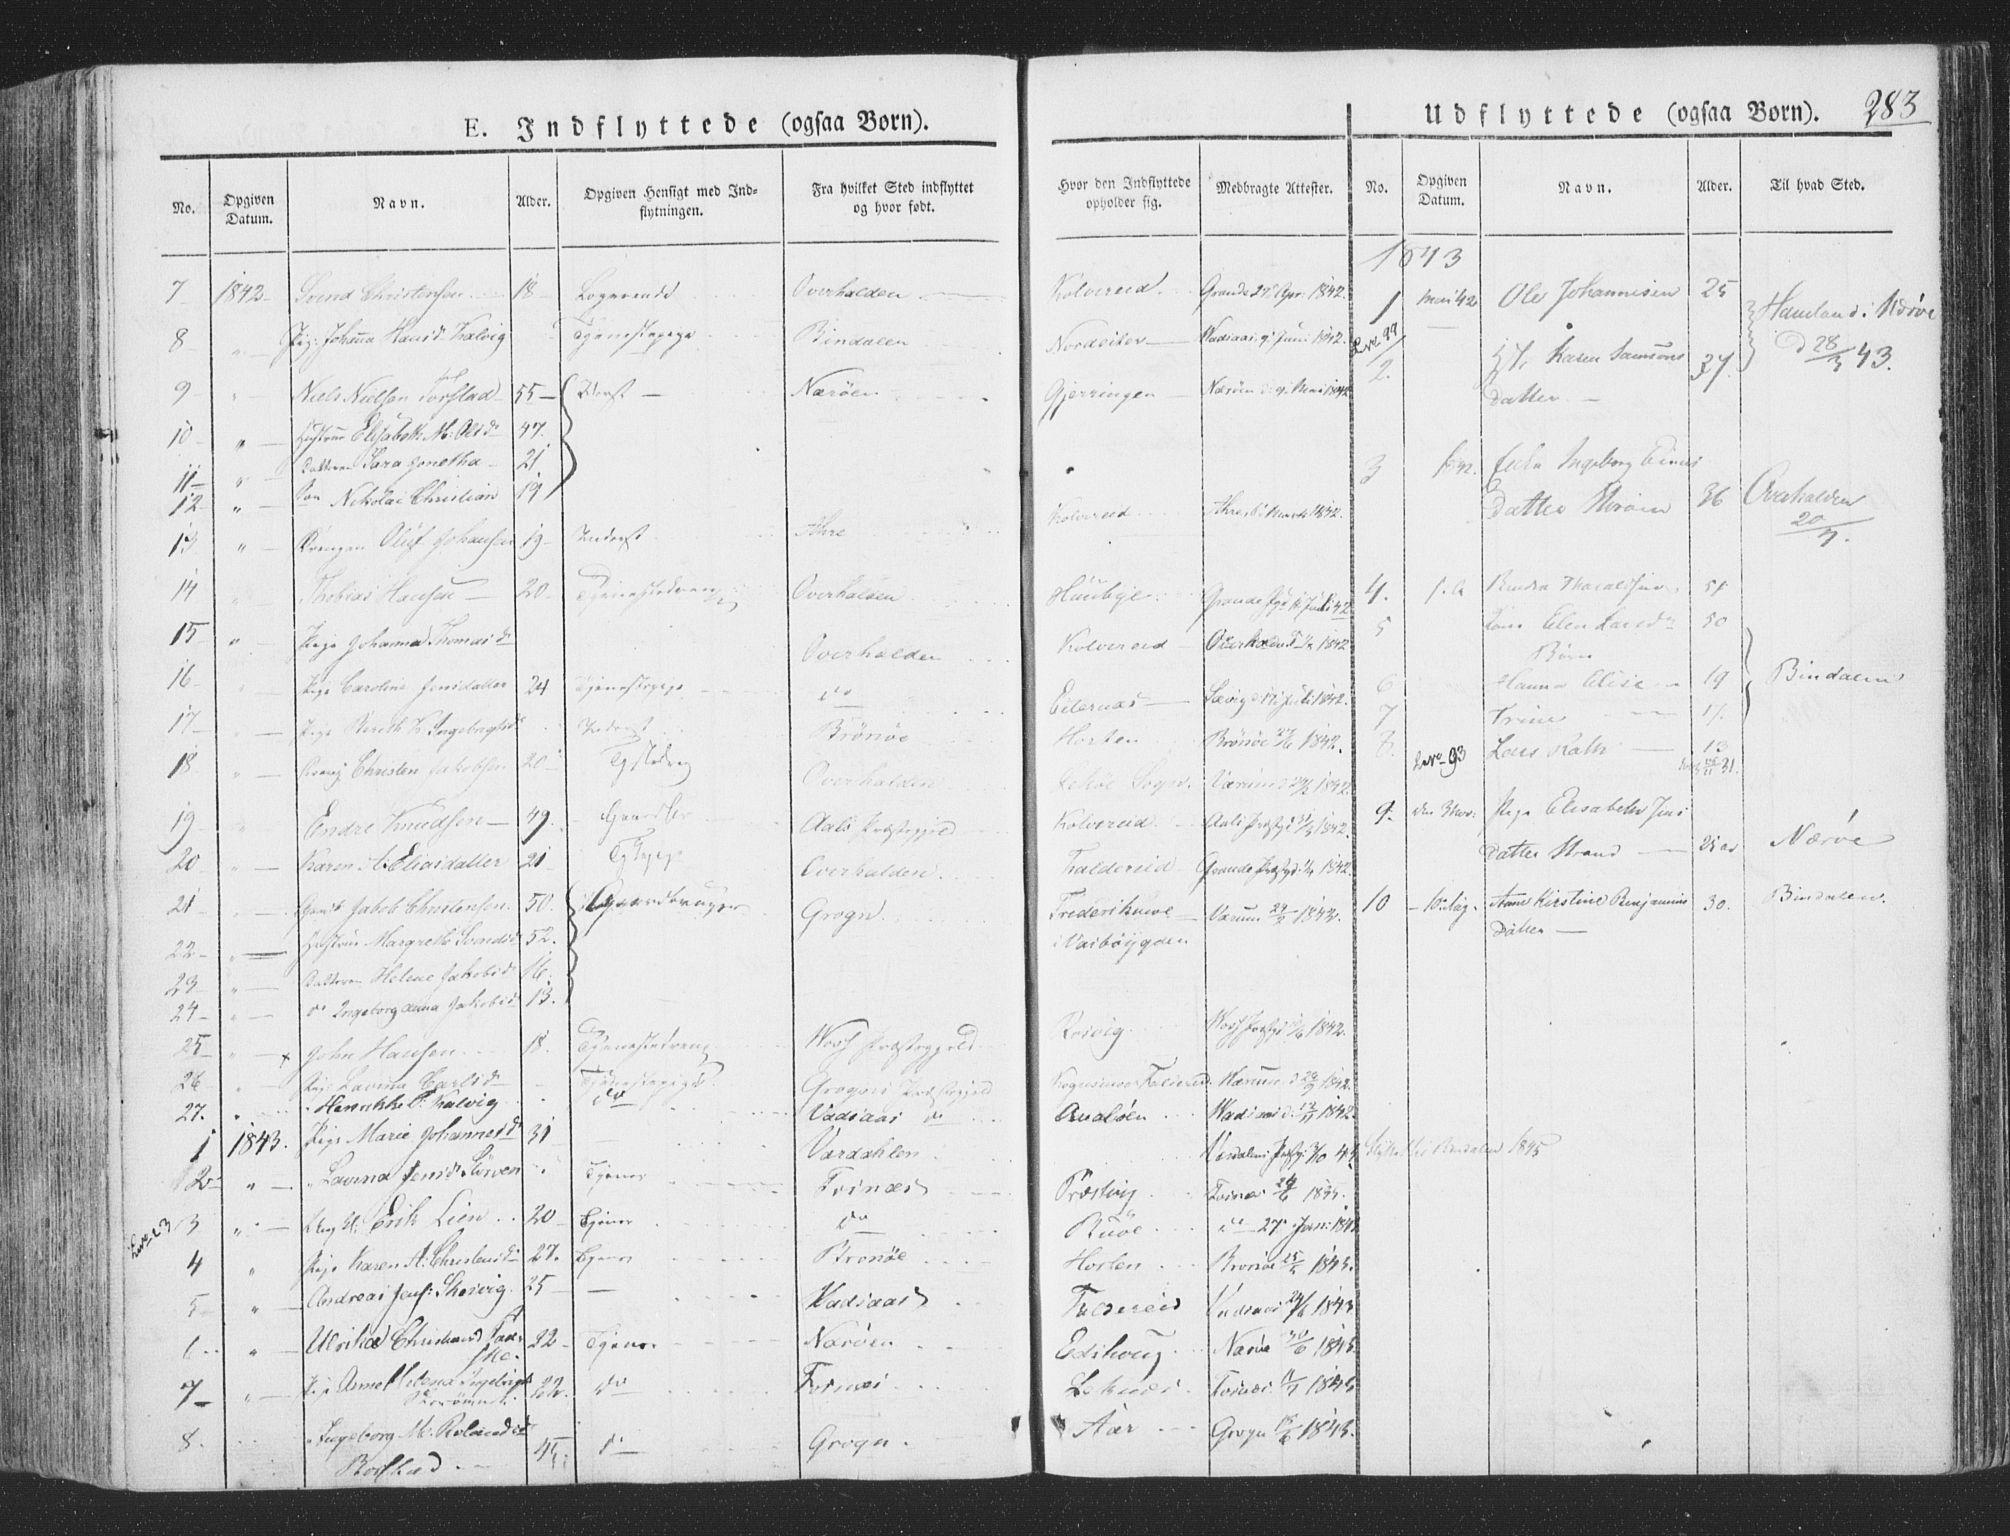 SAT, Ministerialprotokoller, klokkerbøker og fødselsregistre - Nord-Trøndelag, 780/L0639: Ministerialbok nr. 780A04, 1830-1844, s. 283